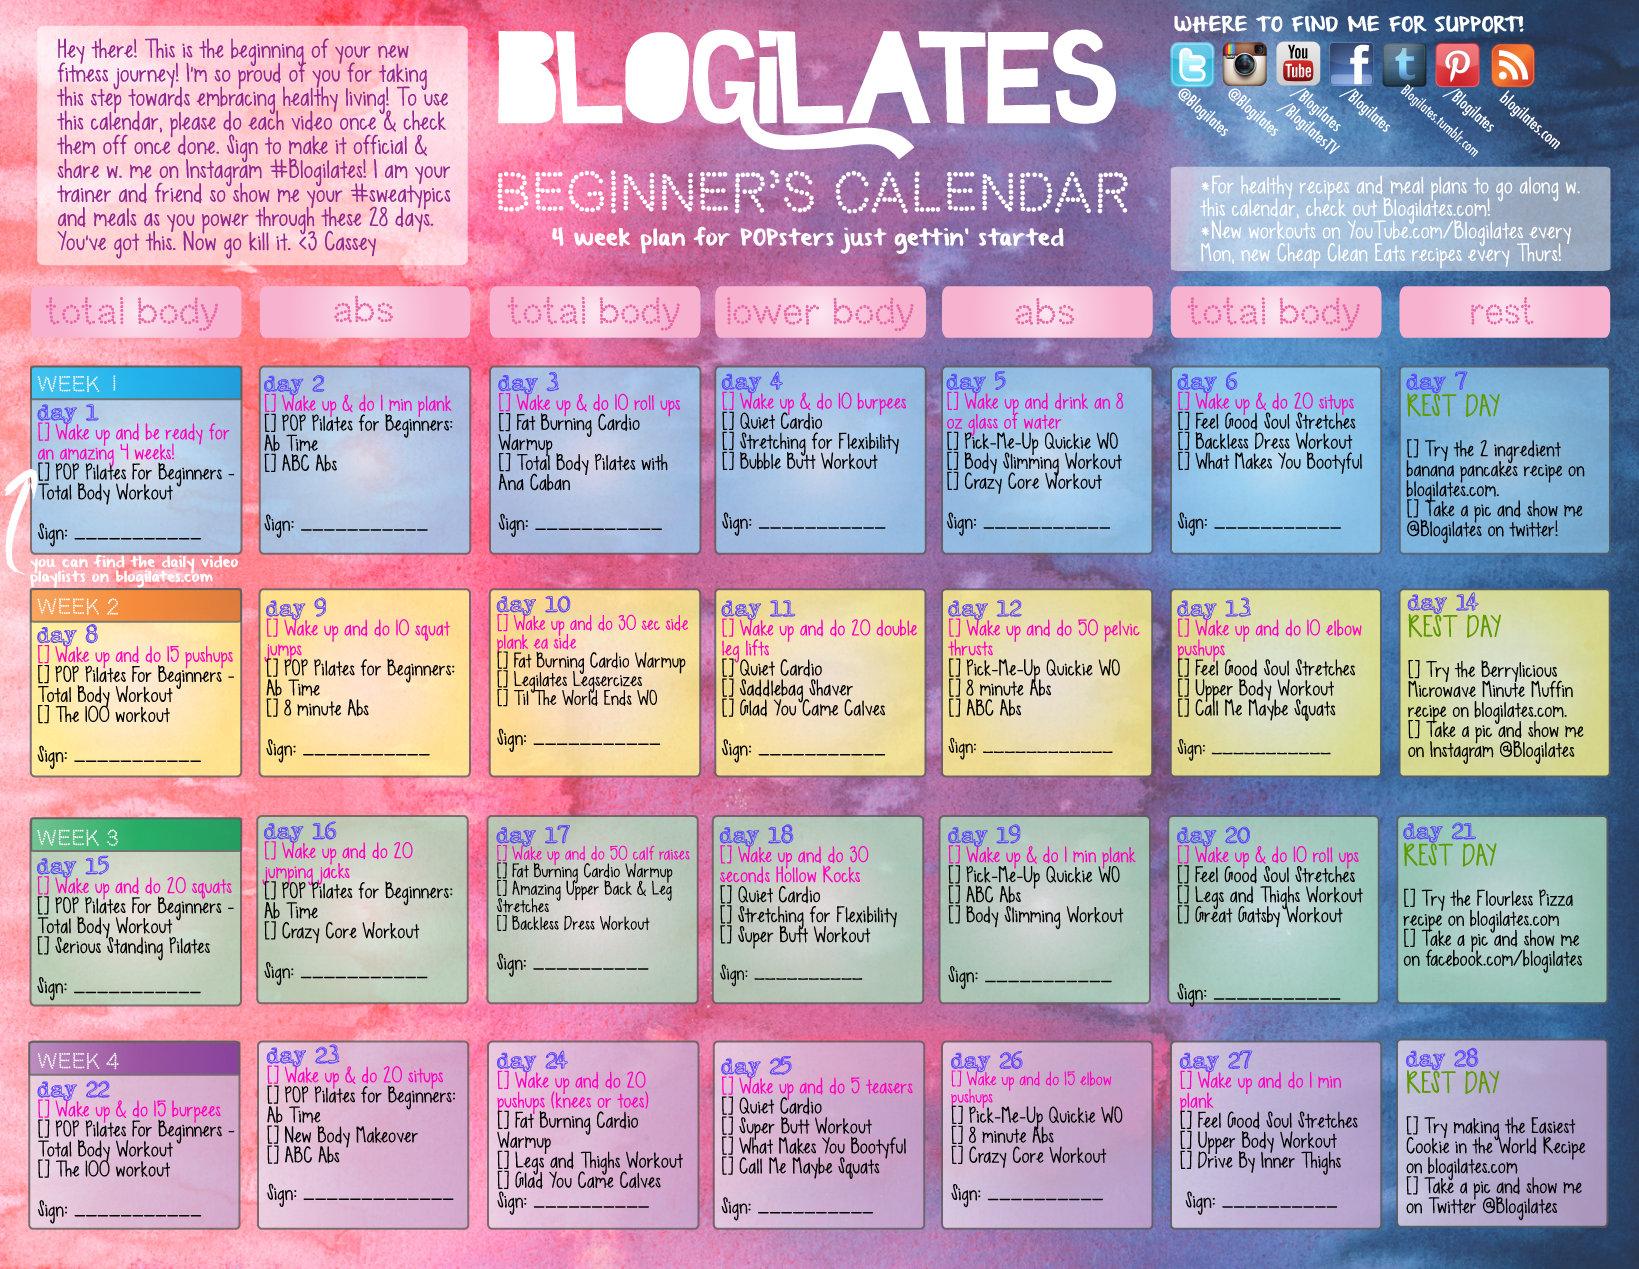 POP Pilates for Beginners Calendar! |